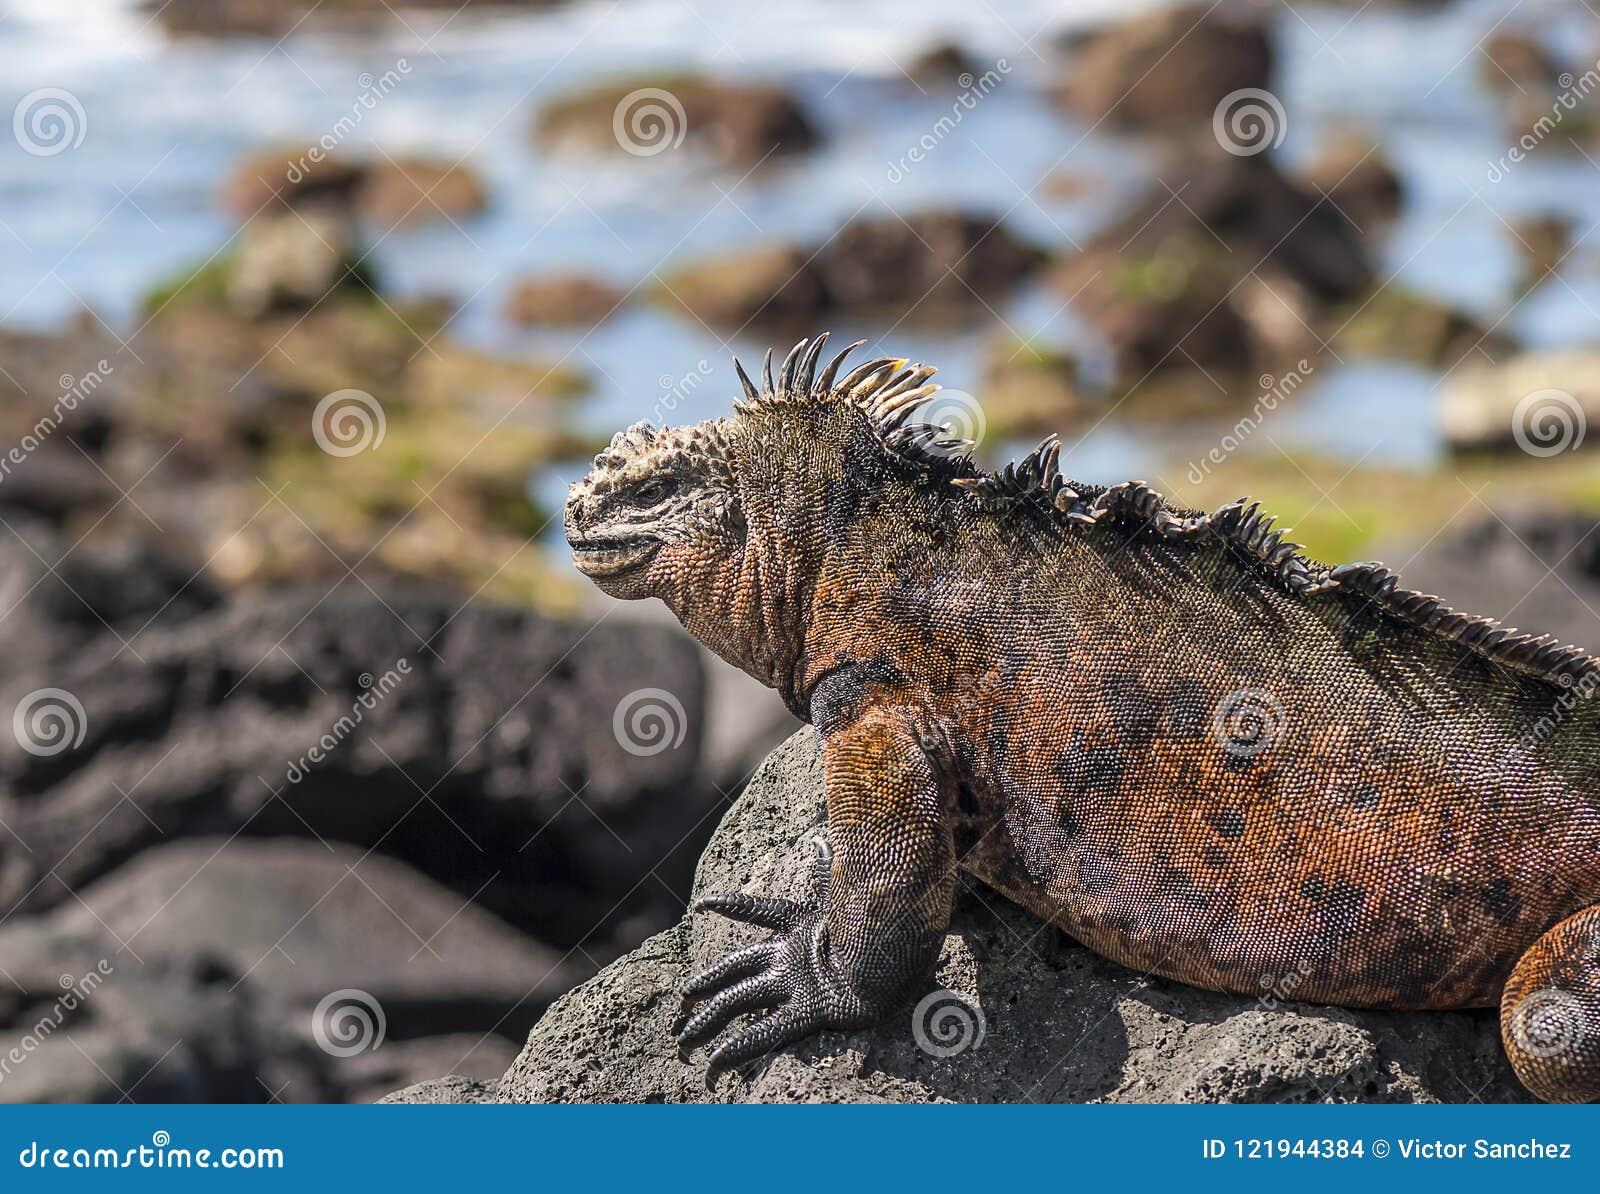 Iguana vermelha na rocha, Ilhas Galápagos, Equador